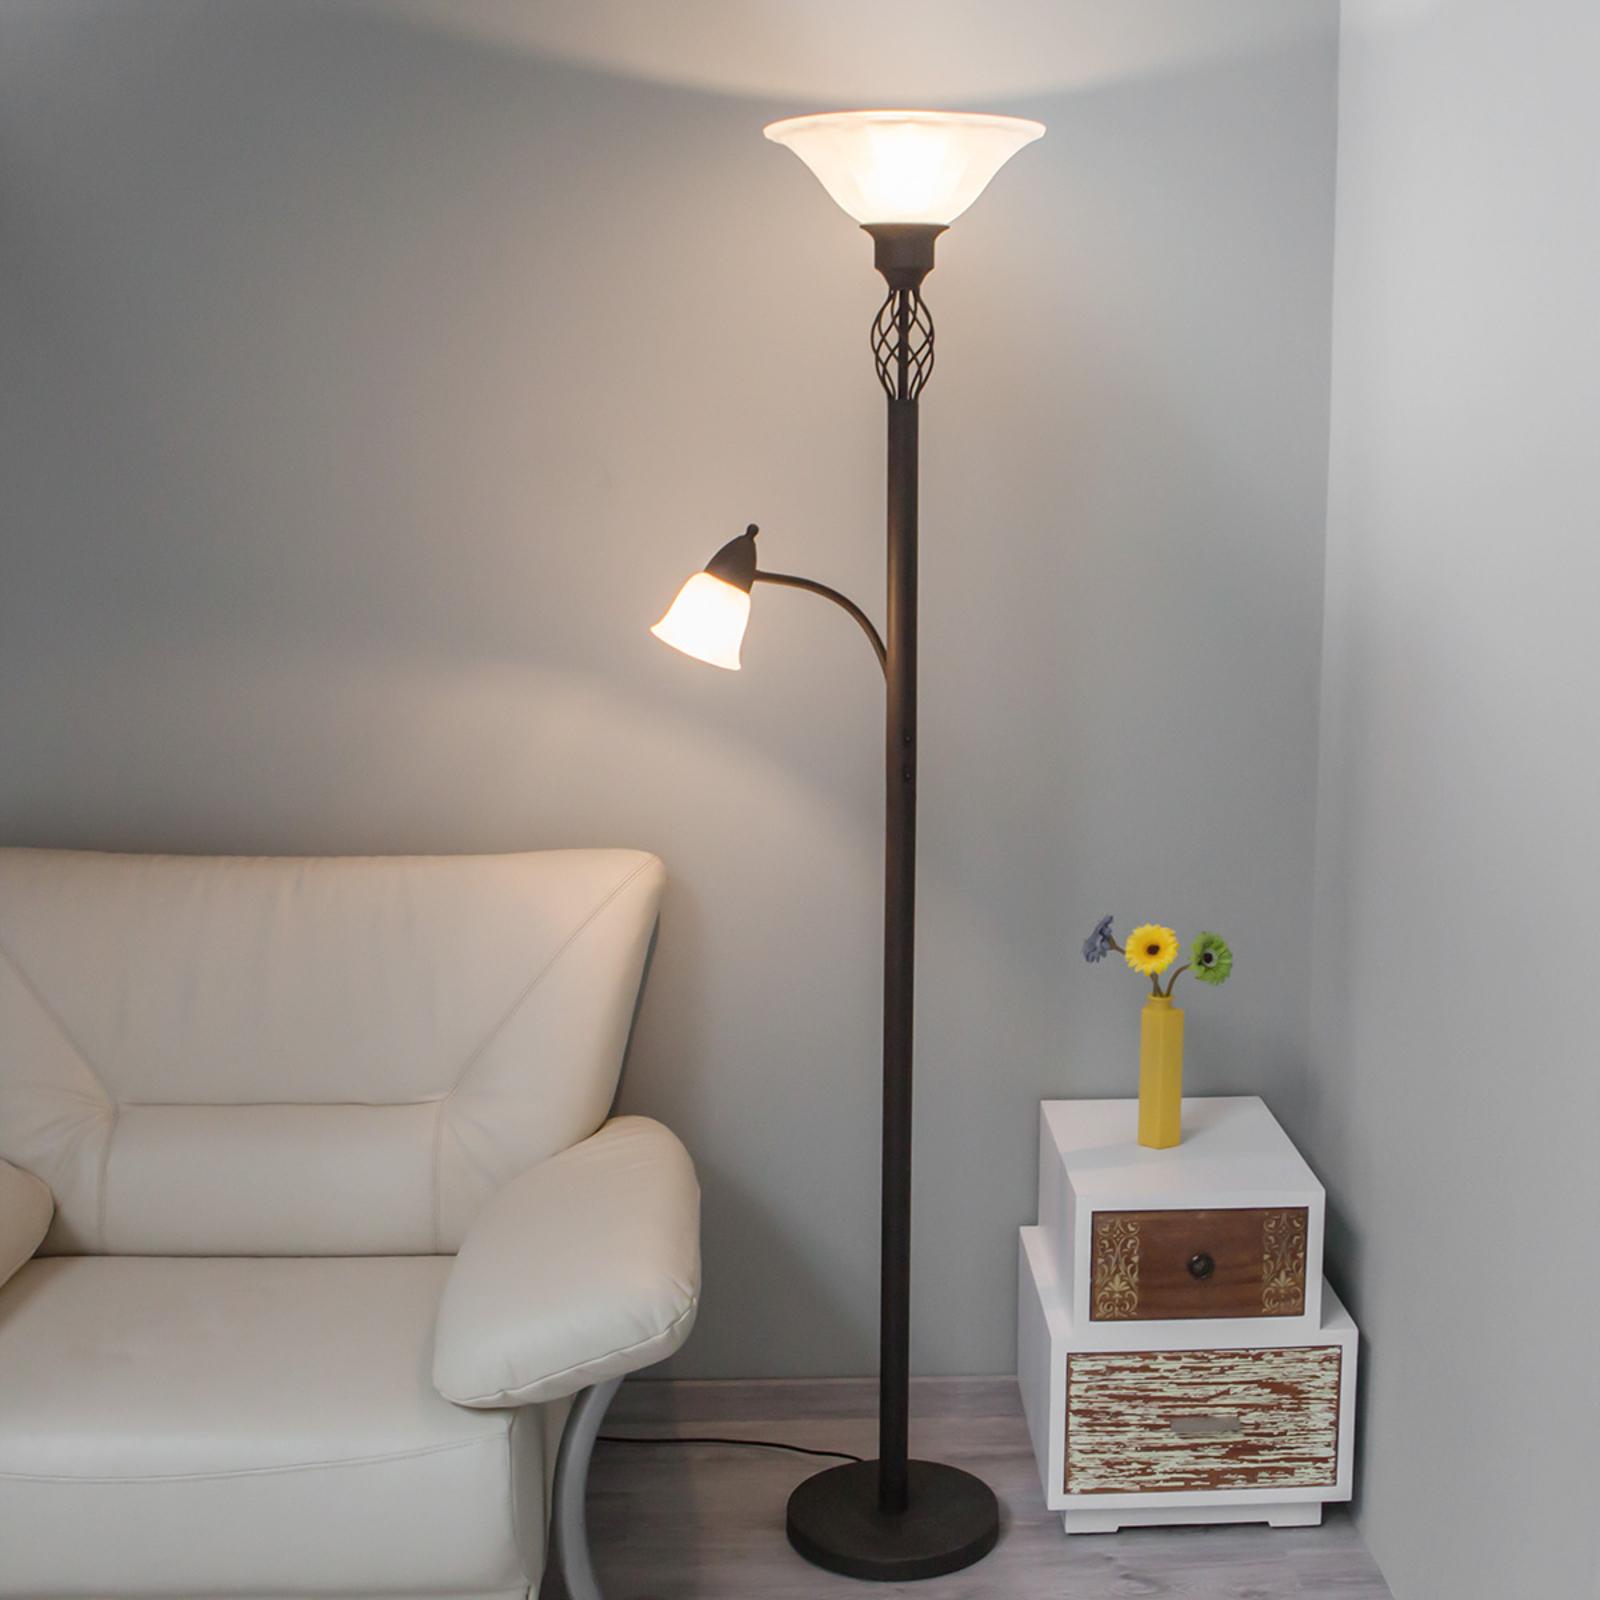 LED-lattiavalaisin Dunja lukuvalolla